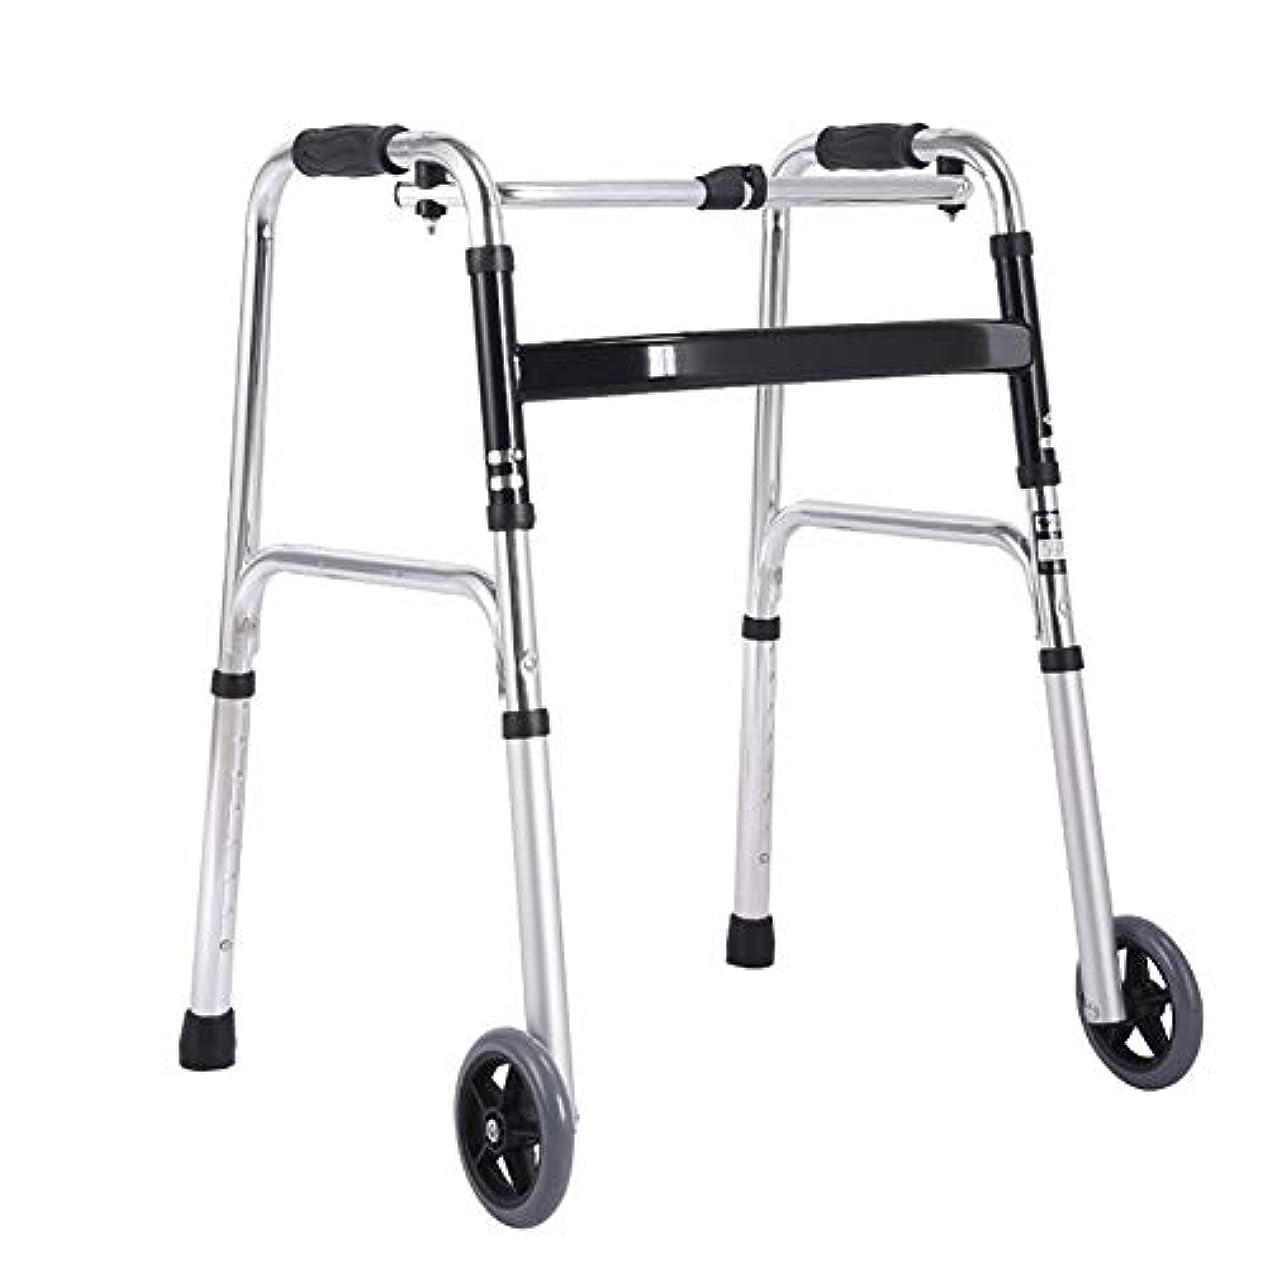 スナップ信頼性栄光BNSDMM 步行器 ウォーカー - 高齢者用ウォーカー高齢者用ウォーカー補助ウォーカーウォーキングスタッフチェアスツールトロリー折りたたみ - サイズ:55 * 48 *(69-89)cm